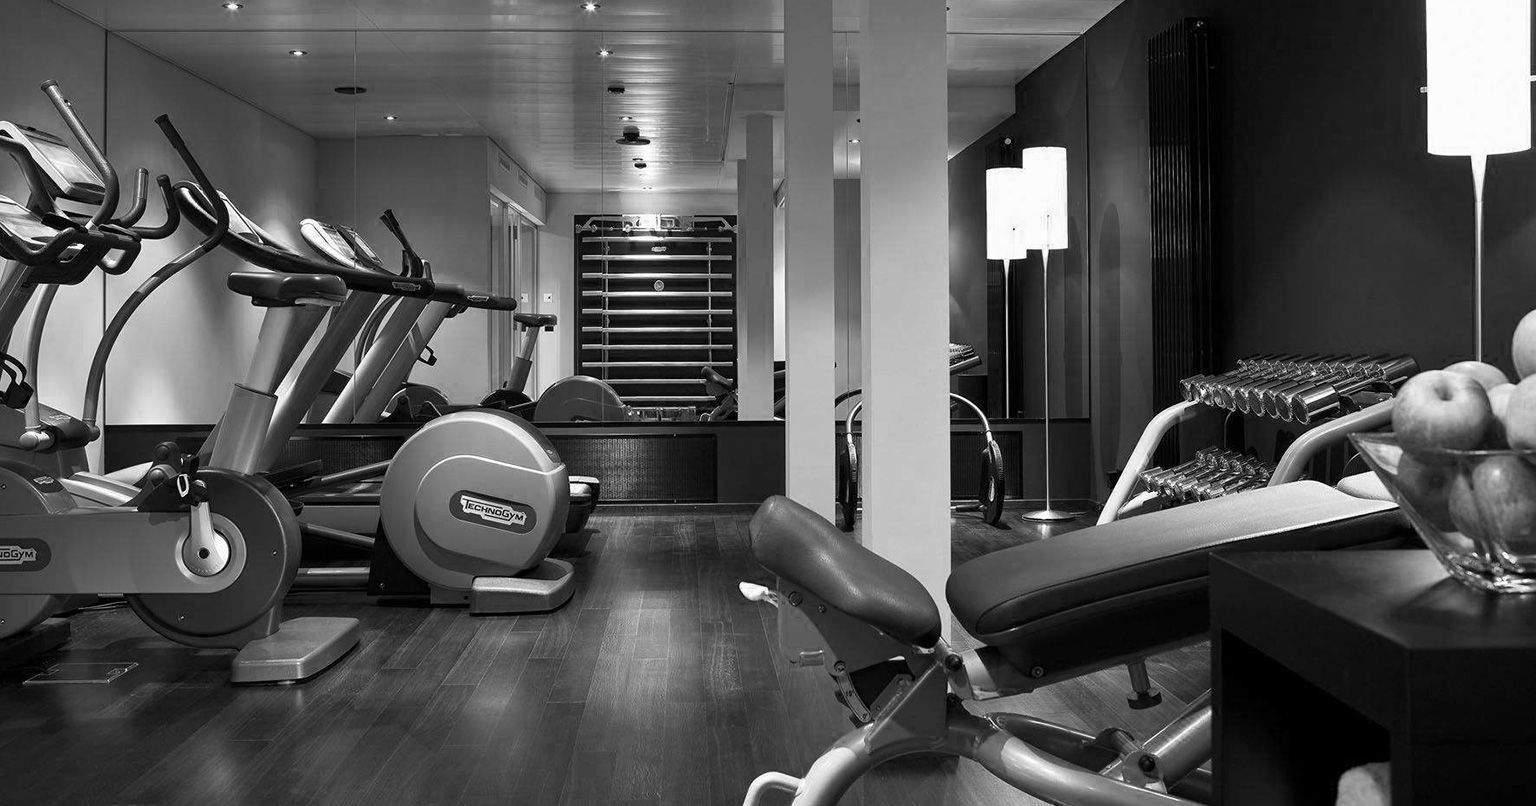 Hôtel Wellness à Bâle· Suisse : Sauna, Salle de Fitness· Hôtel D à Bâle